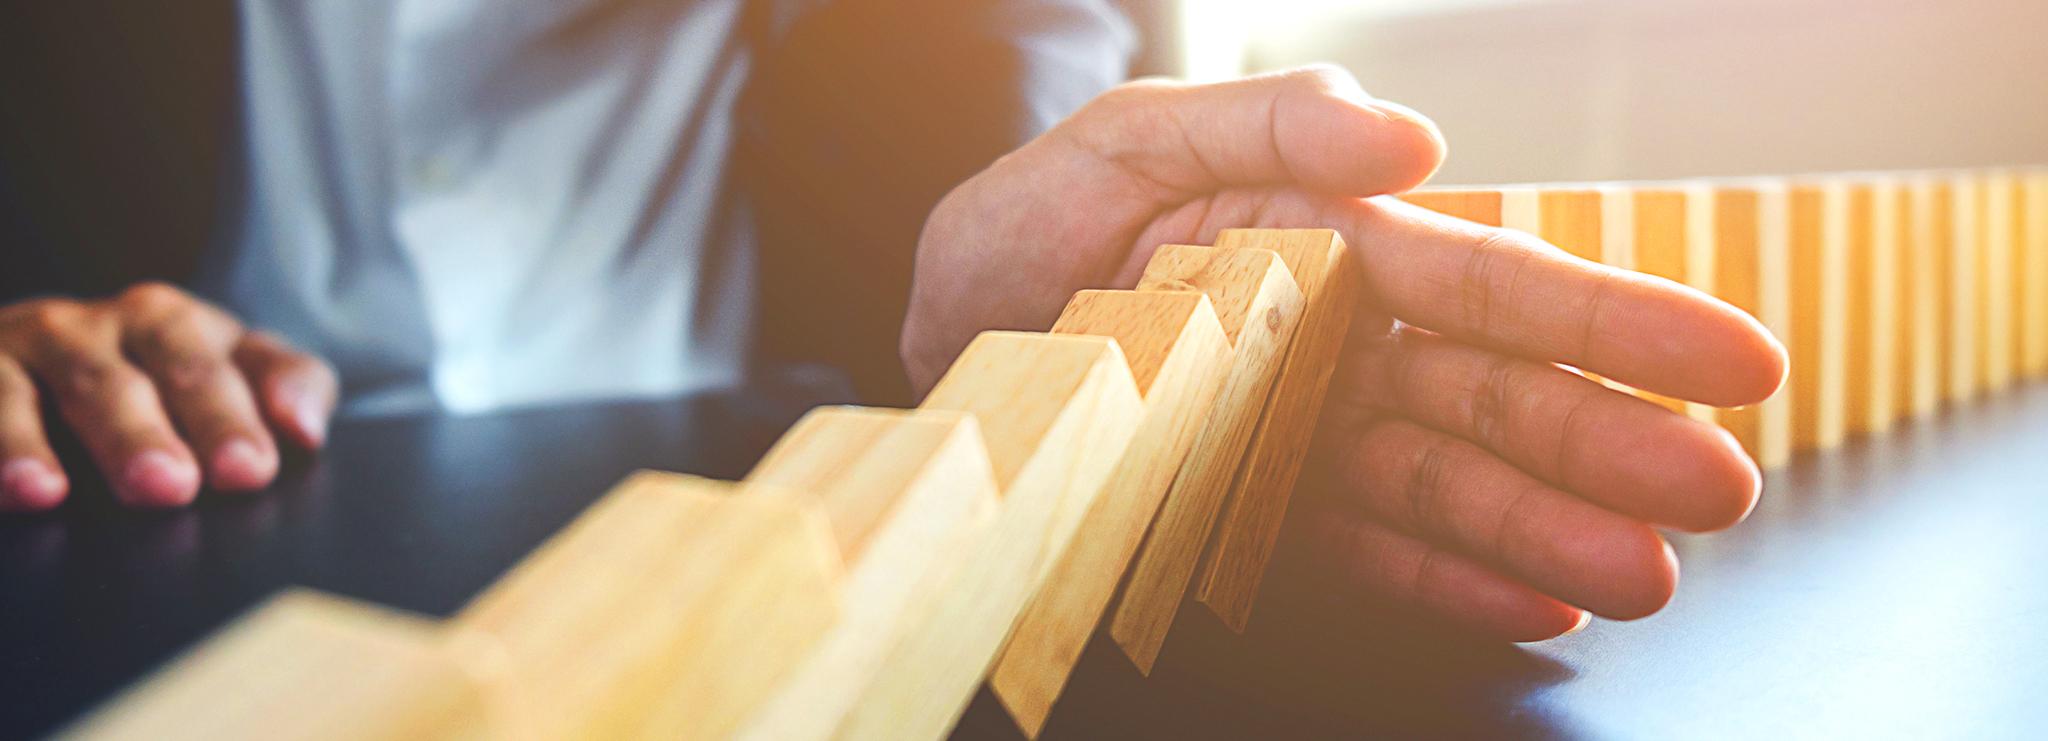 Los 4 pilares de un plan para la continuidad de negocio